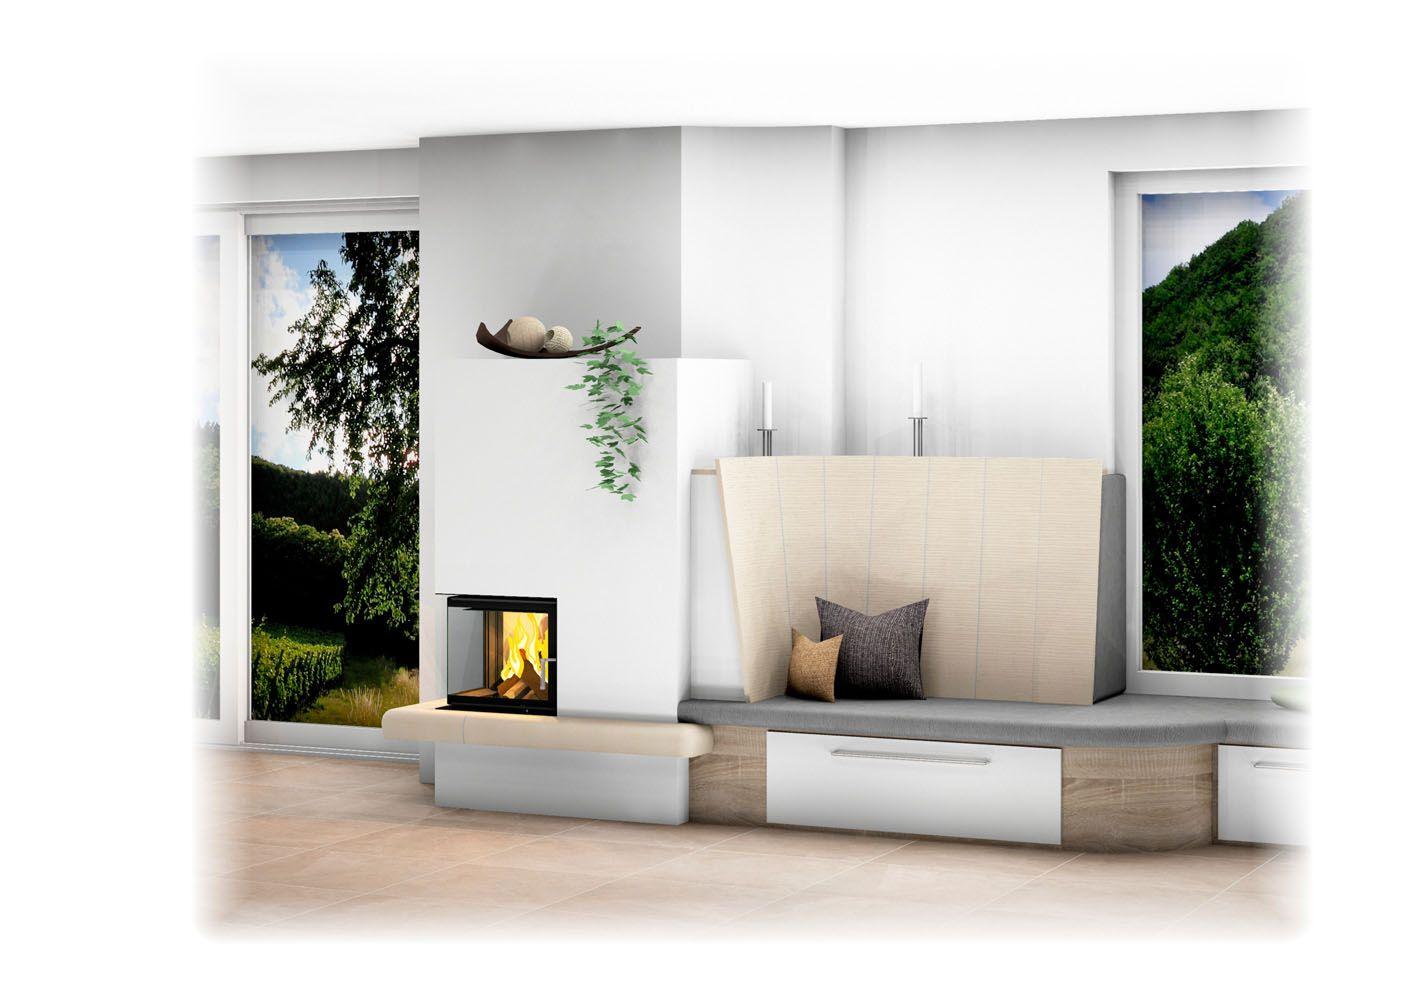 Kleines haus außendesign grundofen mit eckfenster sitzfenster und liege  häuschen in